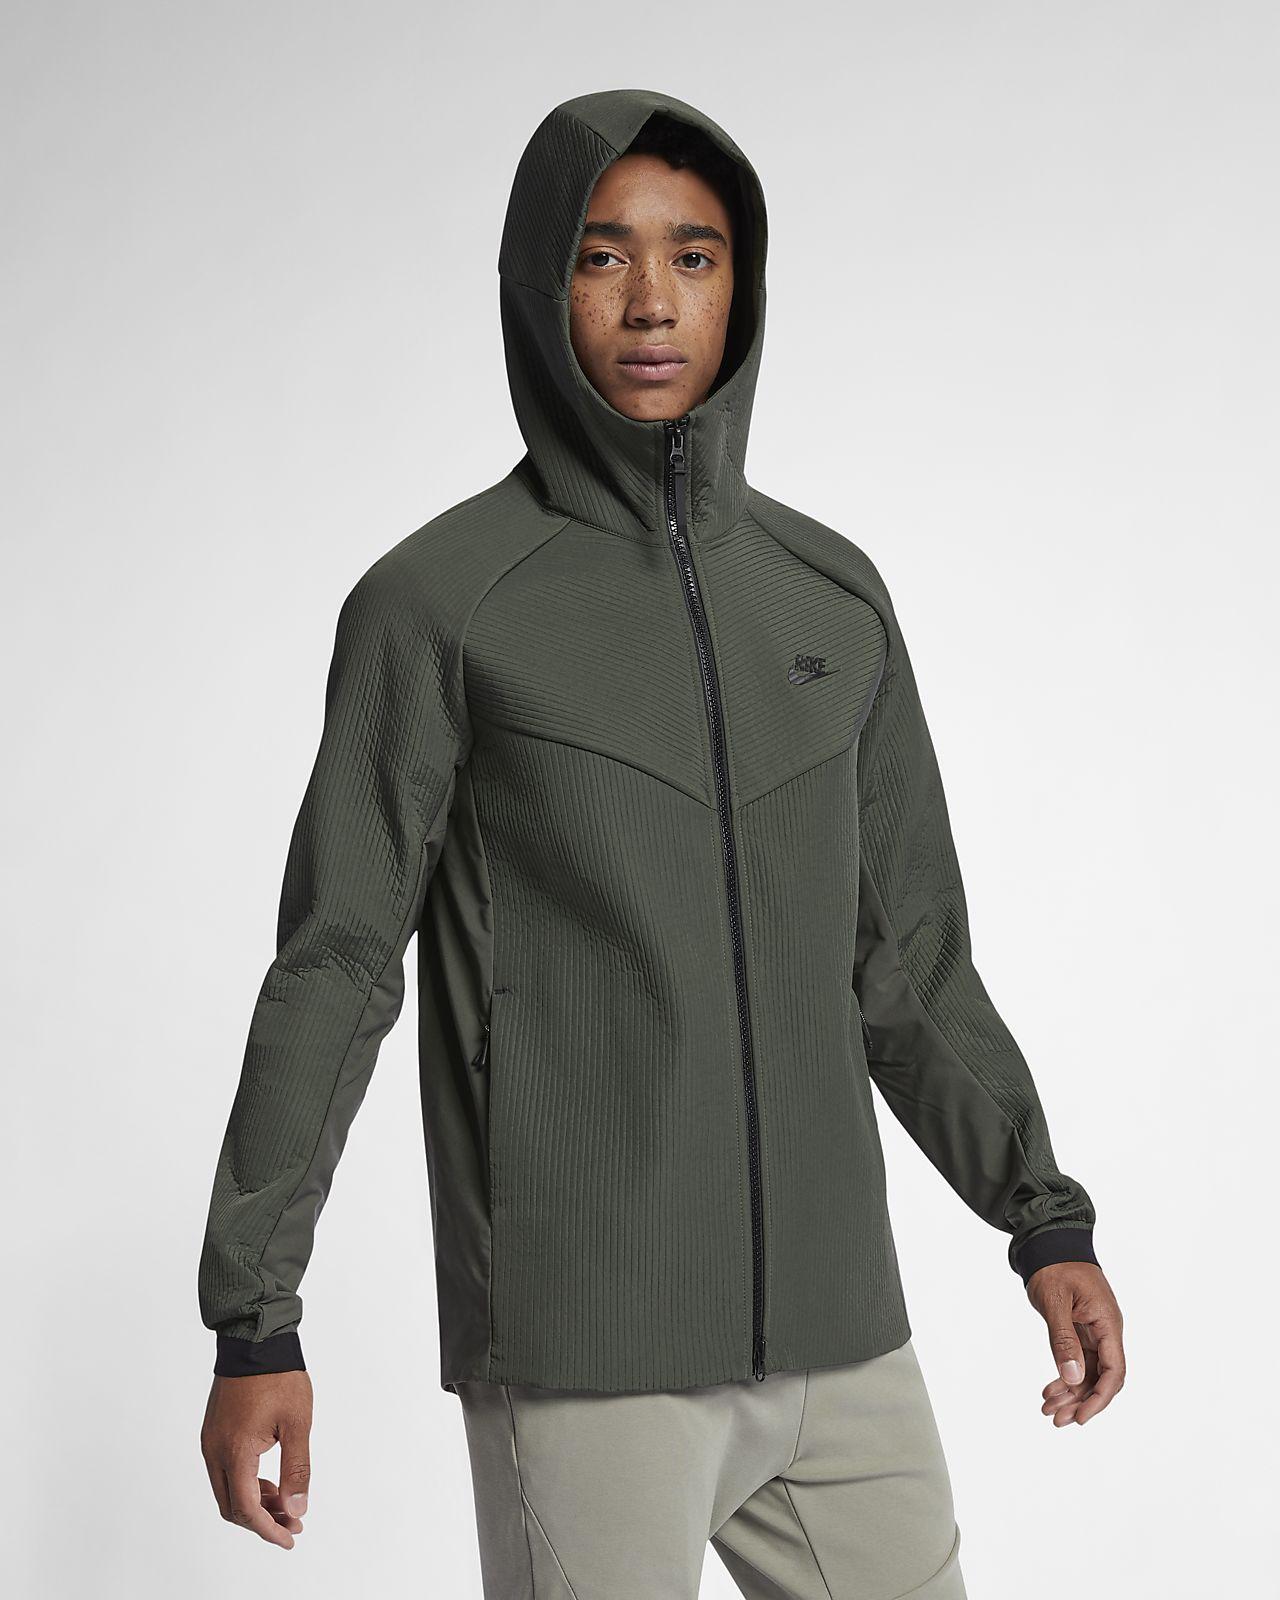 73b133240f Nike Sportswear Tech Pack Men's Woven Jacket. Nike.com